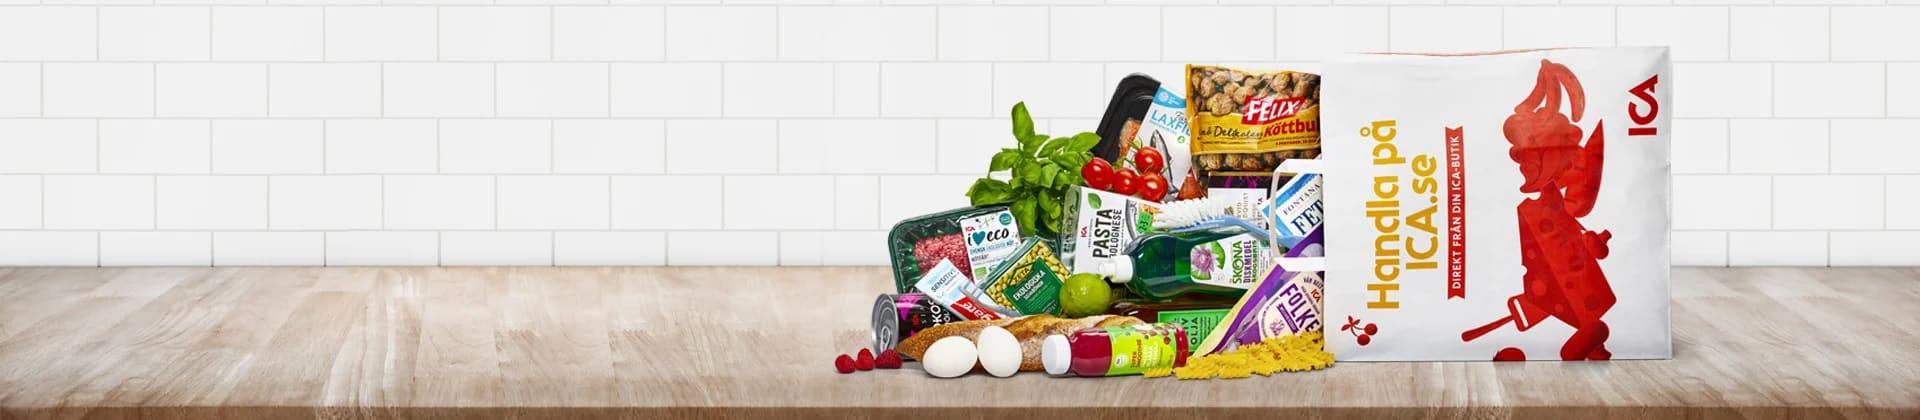 Mat, recept & smarta tjänster för en enklare vardag | ICA